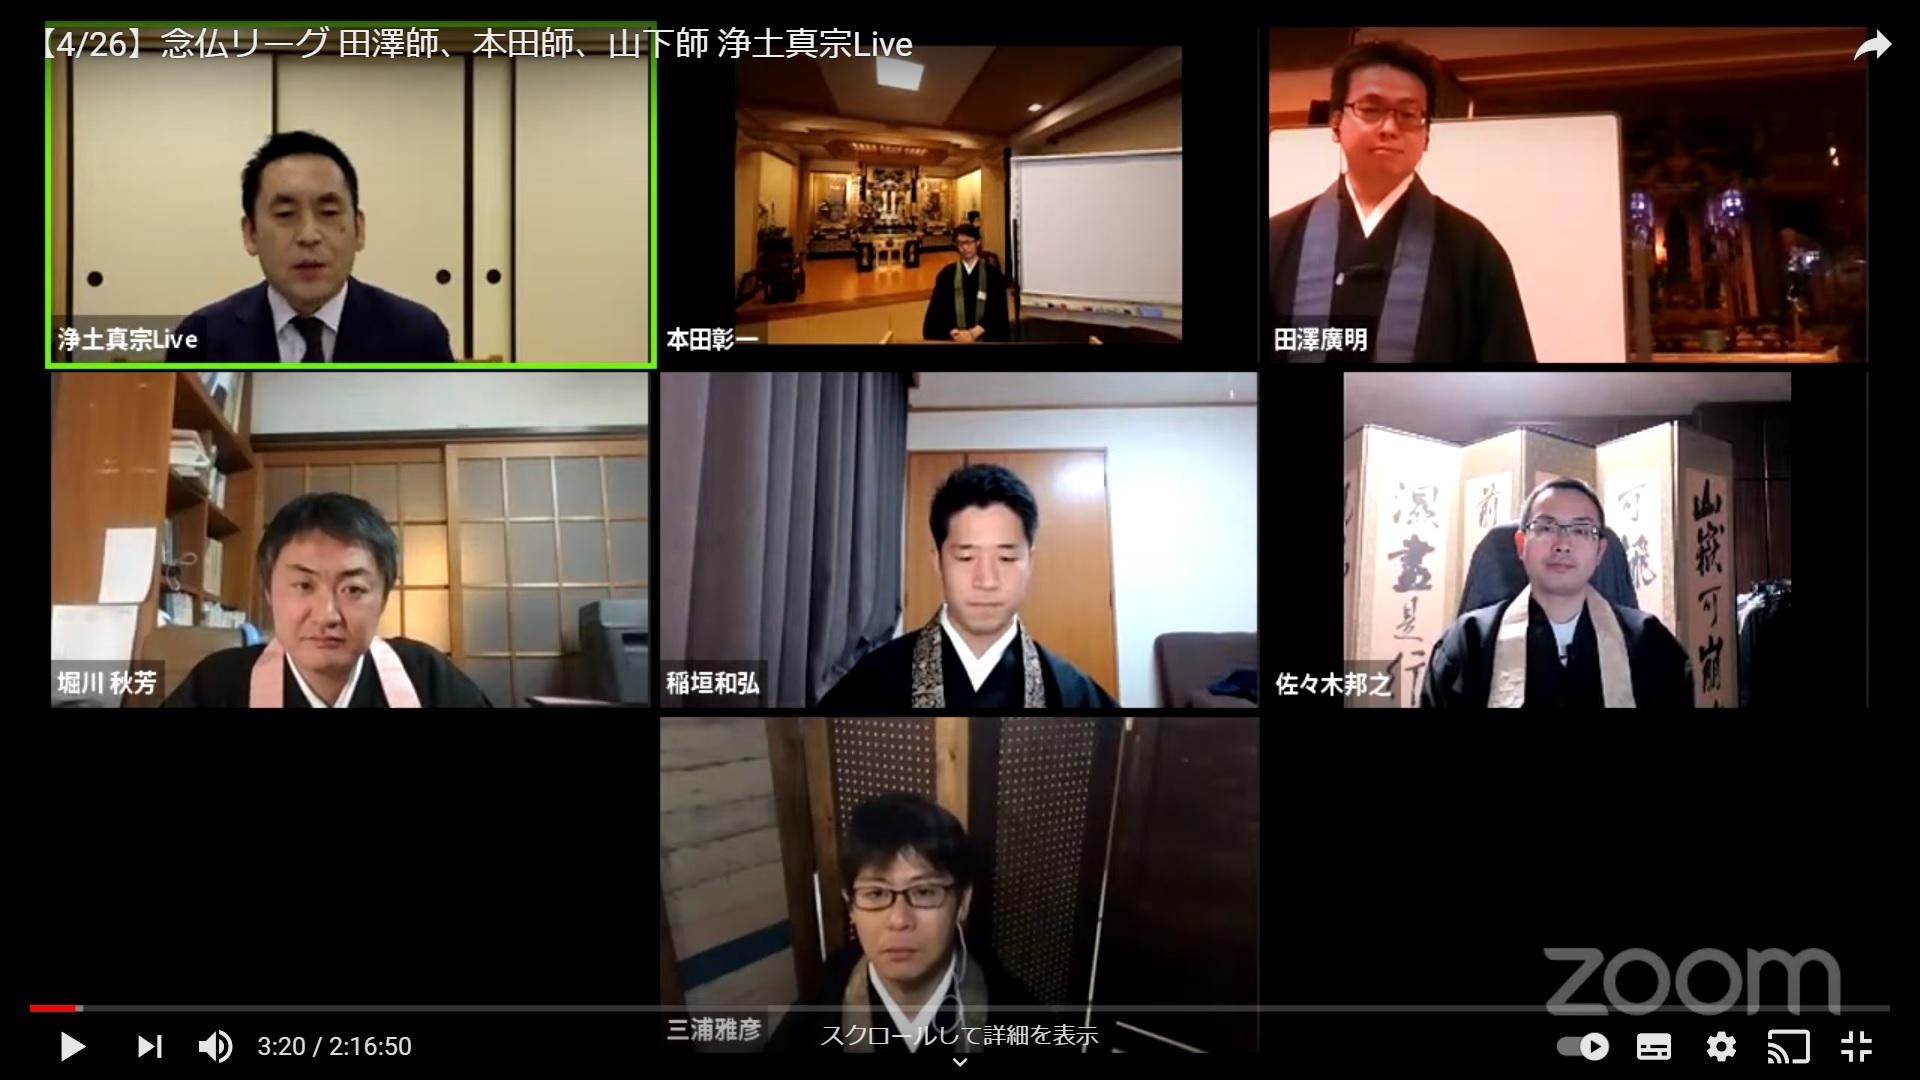 浄土真宗Liveインタビュー (2)